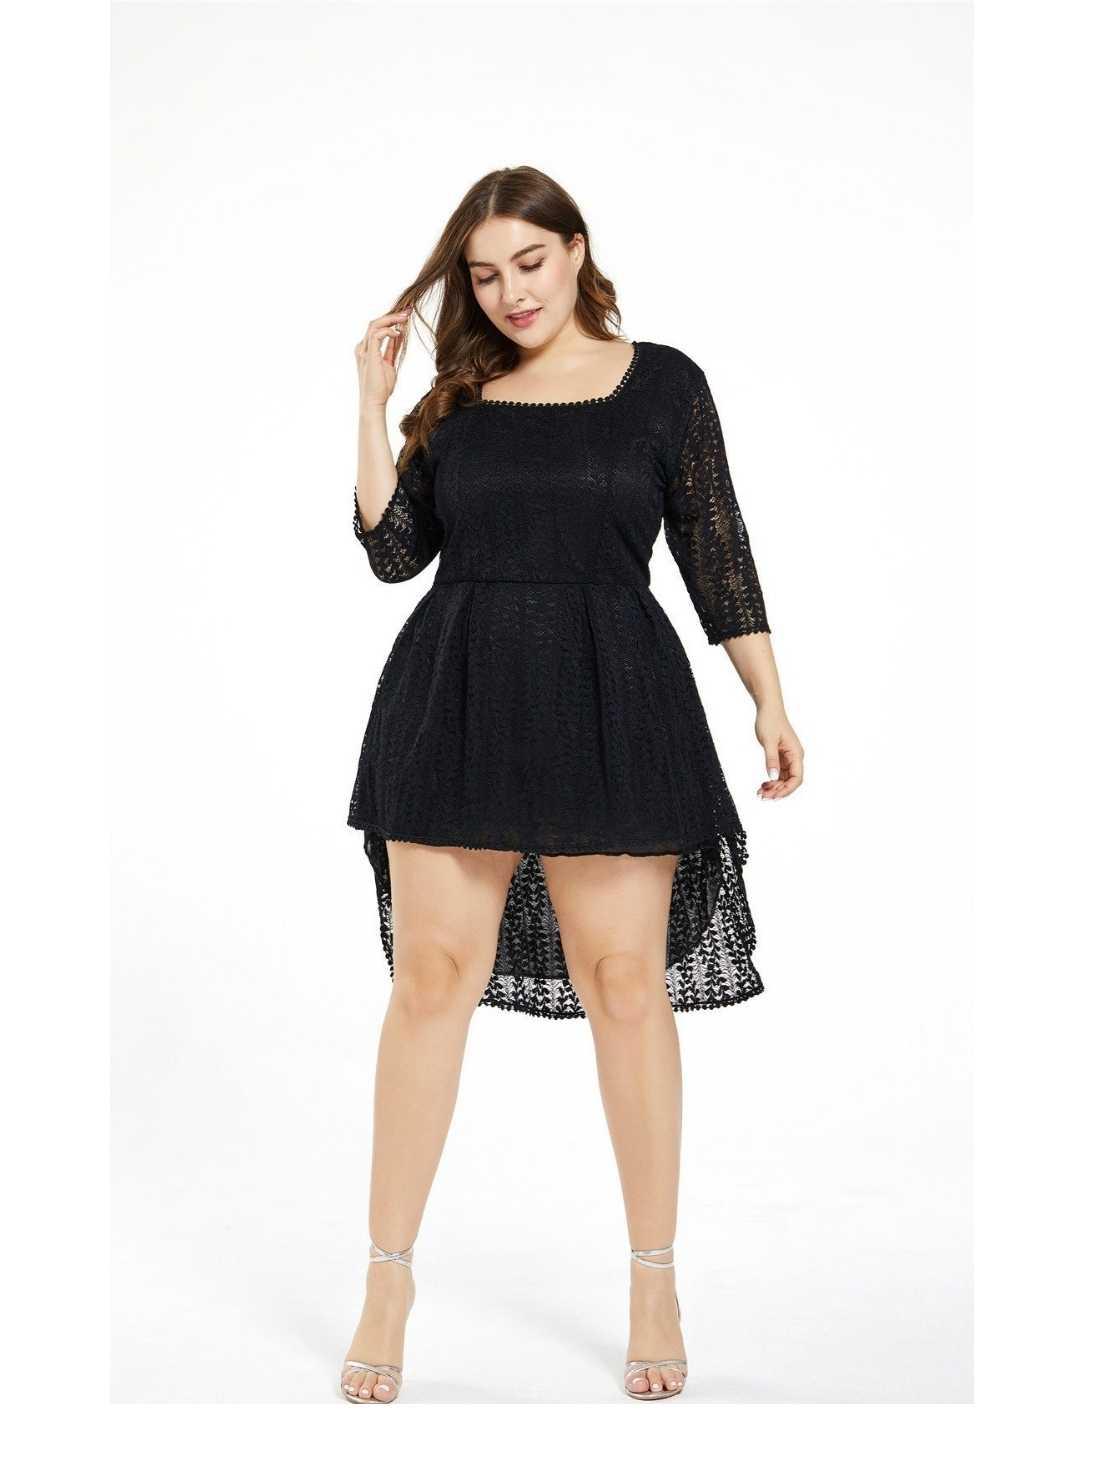 Wholesale Plus-size Cocktail Dress